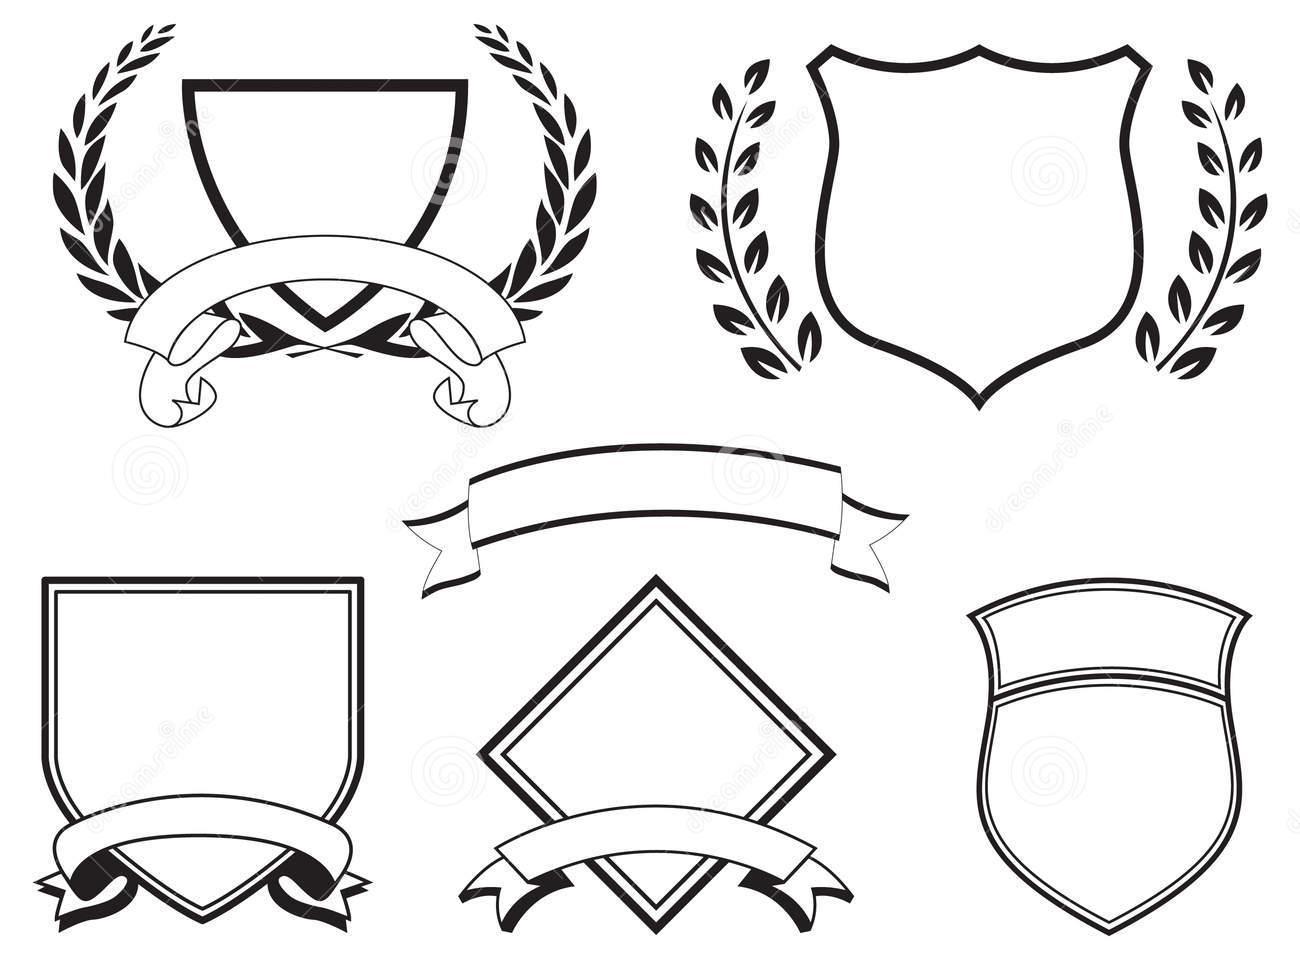 17 Banner Designs Clip Art Images - Black Banner Clip Art Free, Banner ...